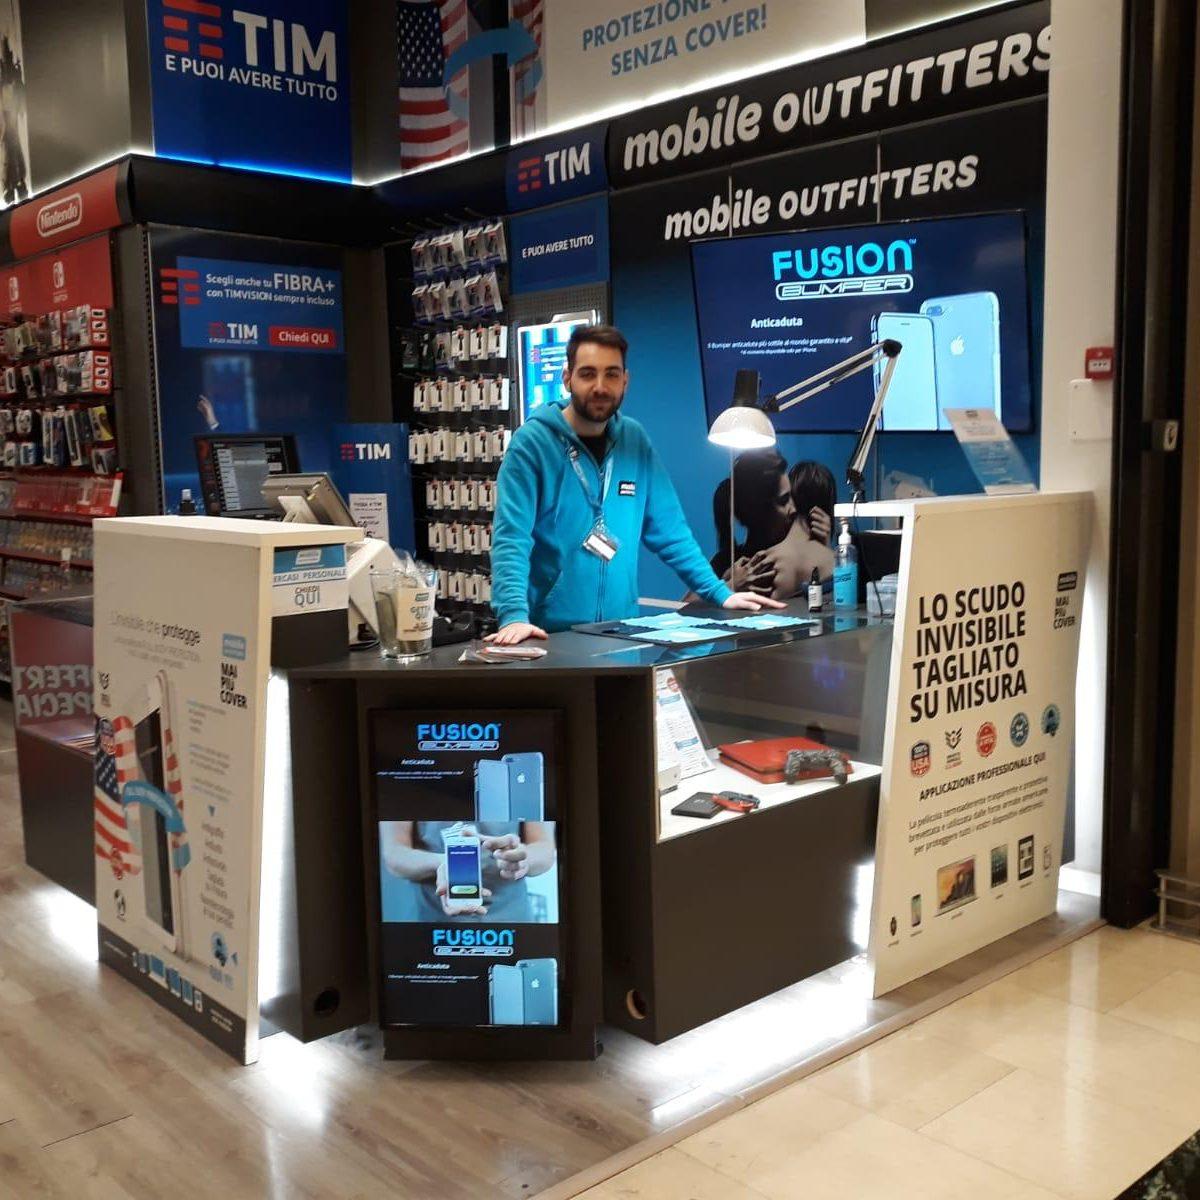 Centro commerciale roma est mobile outfitters italia for Centro convenienza arredi roma est